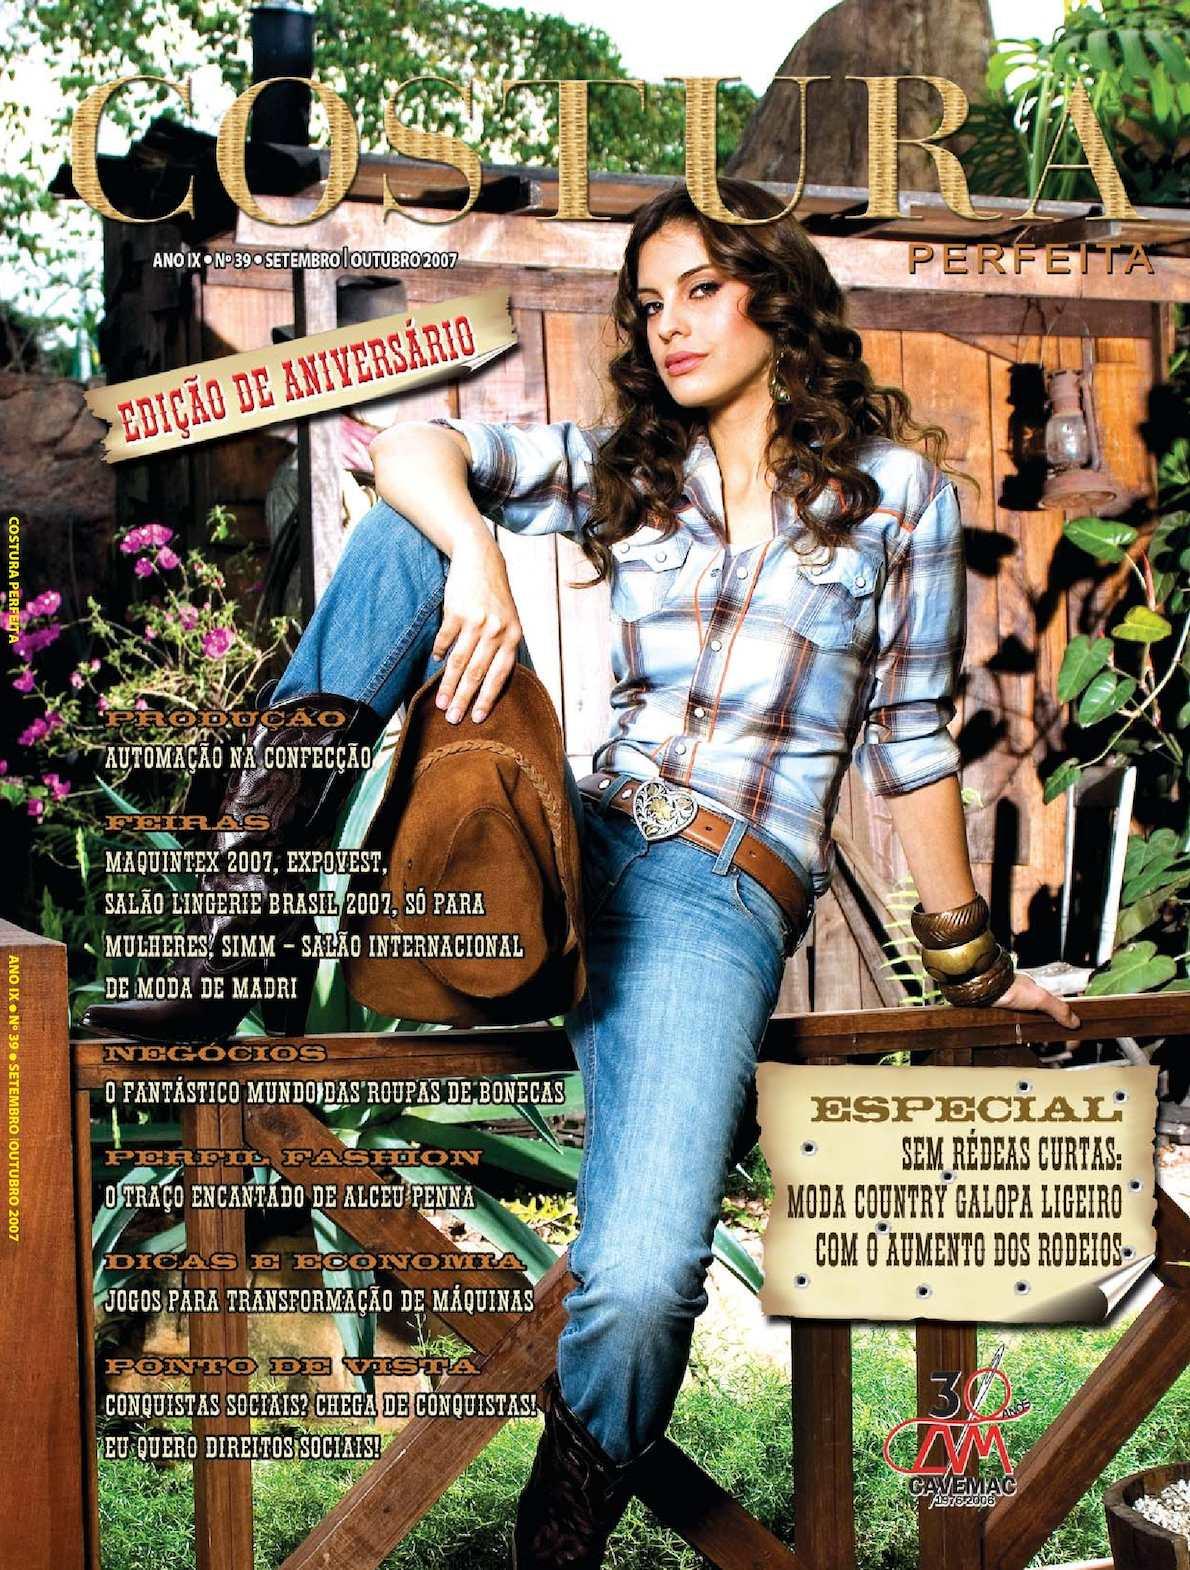 fdb85b5cc4 Calaméo - Revista Costura Perfeita Edição Ano IX - N39 Setembro-Outubro 2007